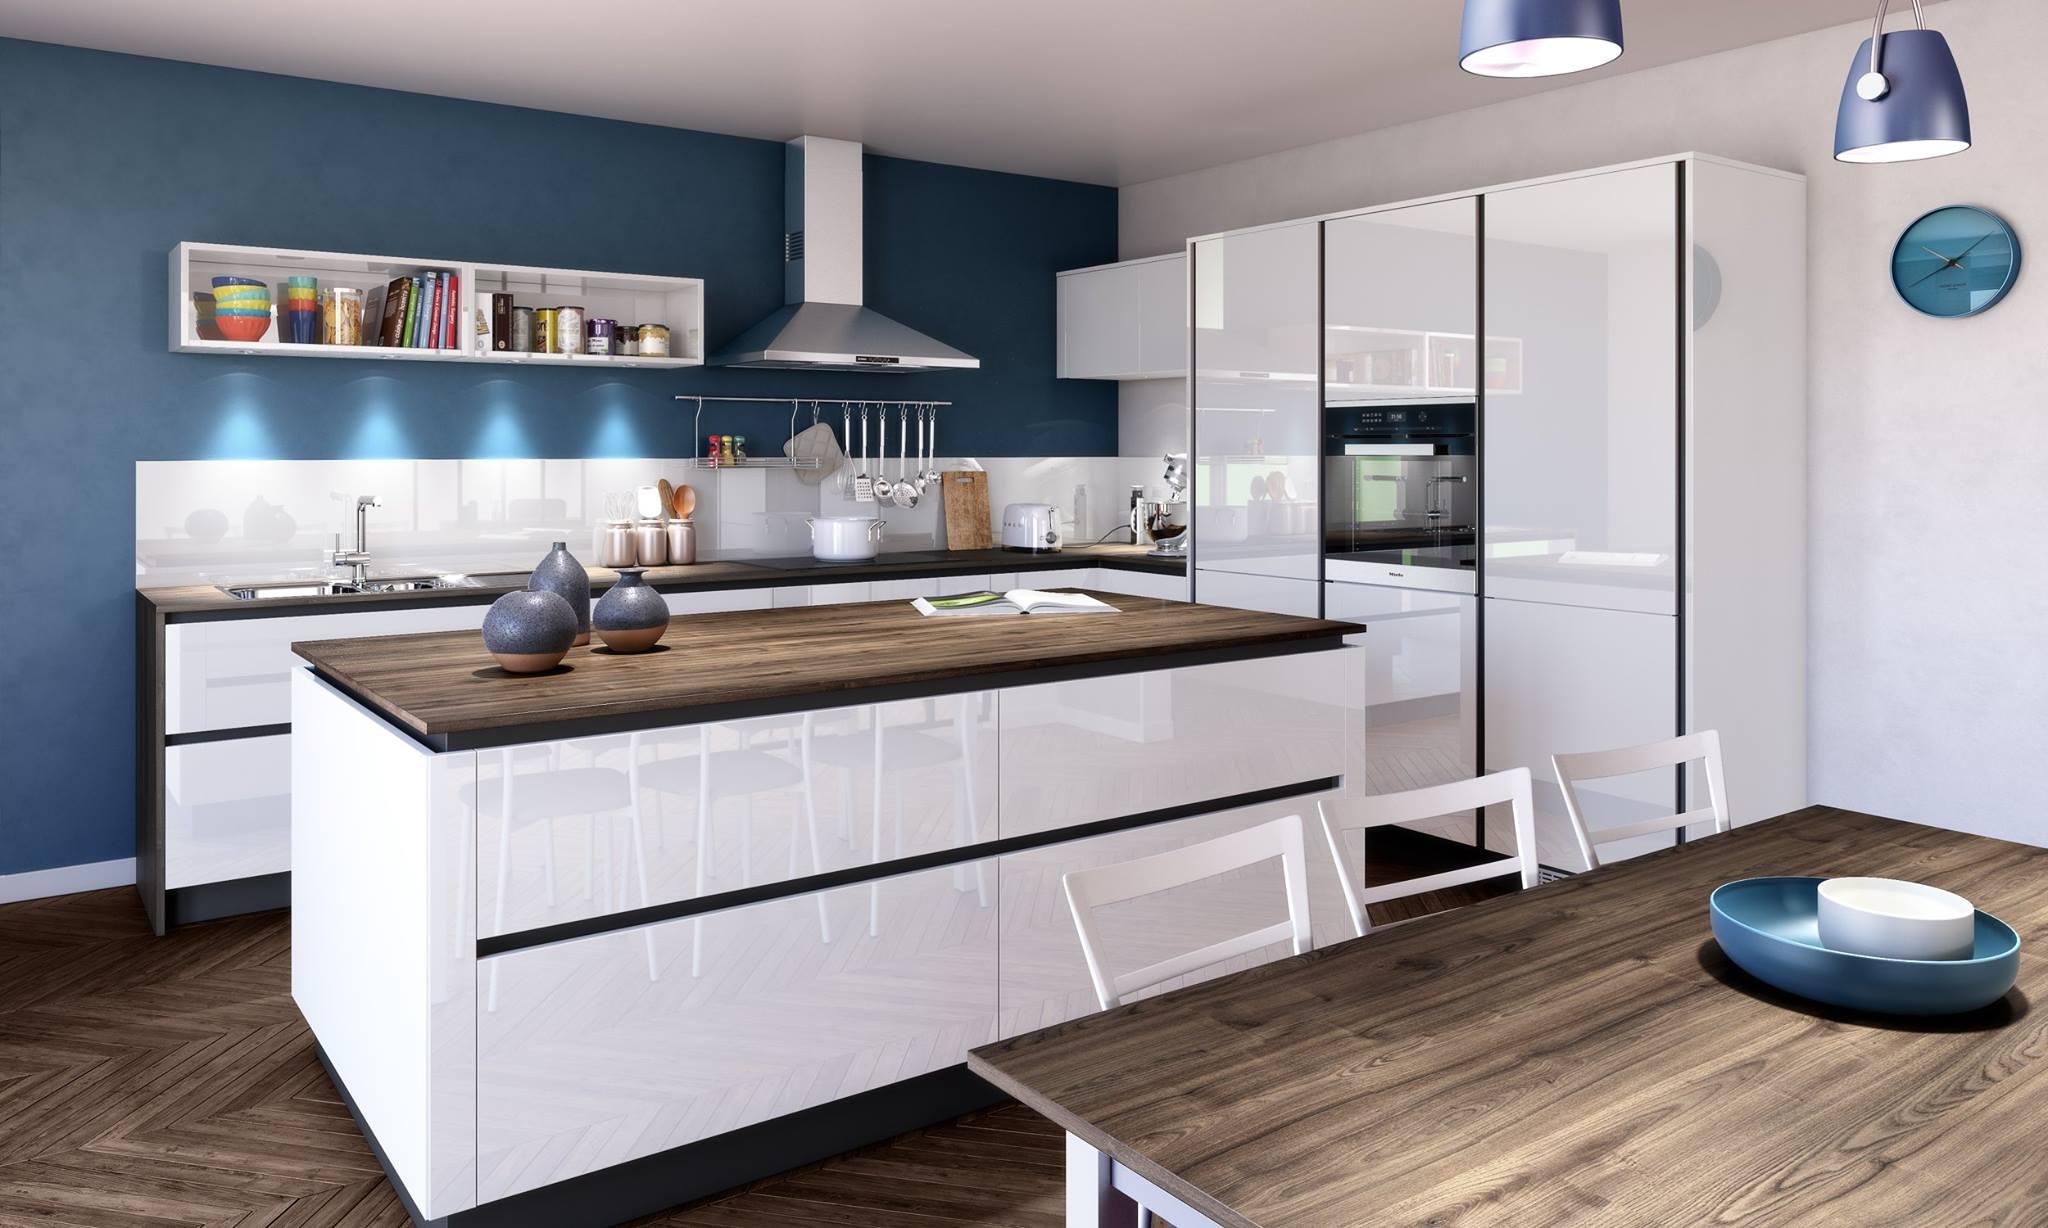 cuisine avec ilot sans poignee marie rodrigues cuisine et dressing charente maritime. Black Bedroom Furniture Sets. Home Design Ideas